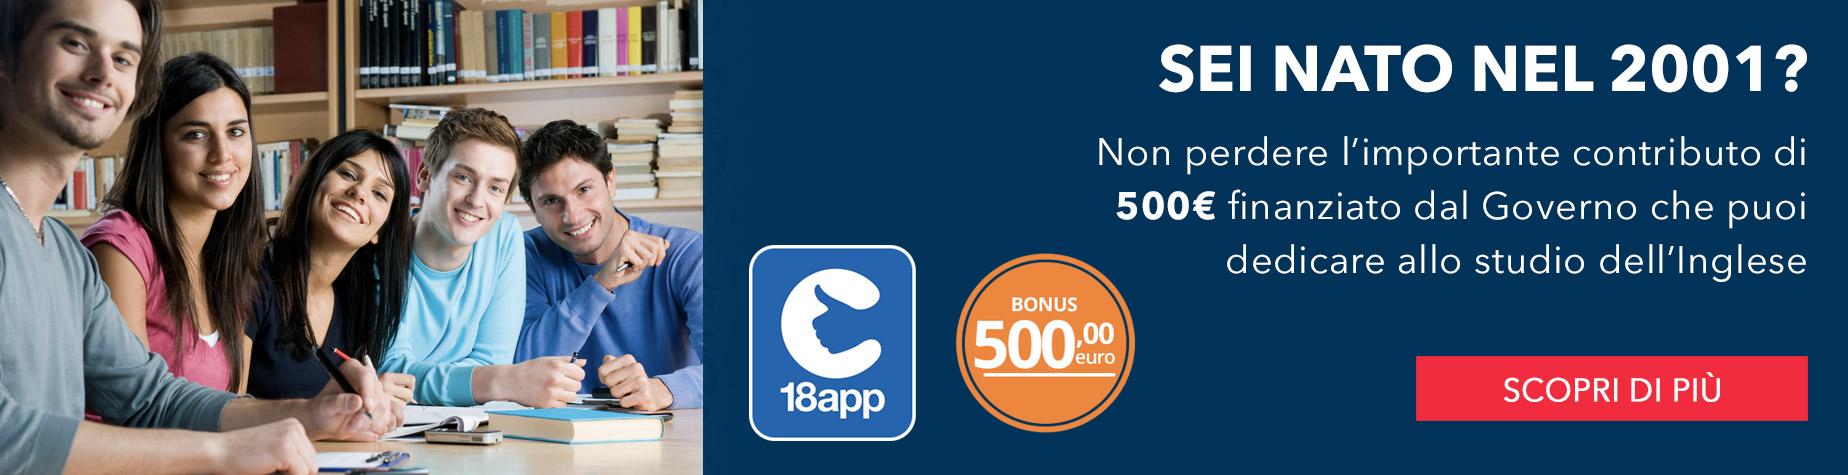 WSE Bonus 500 € 18 anni | corsi di inglese